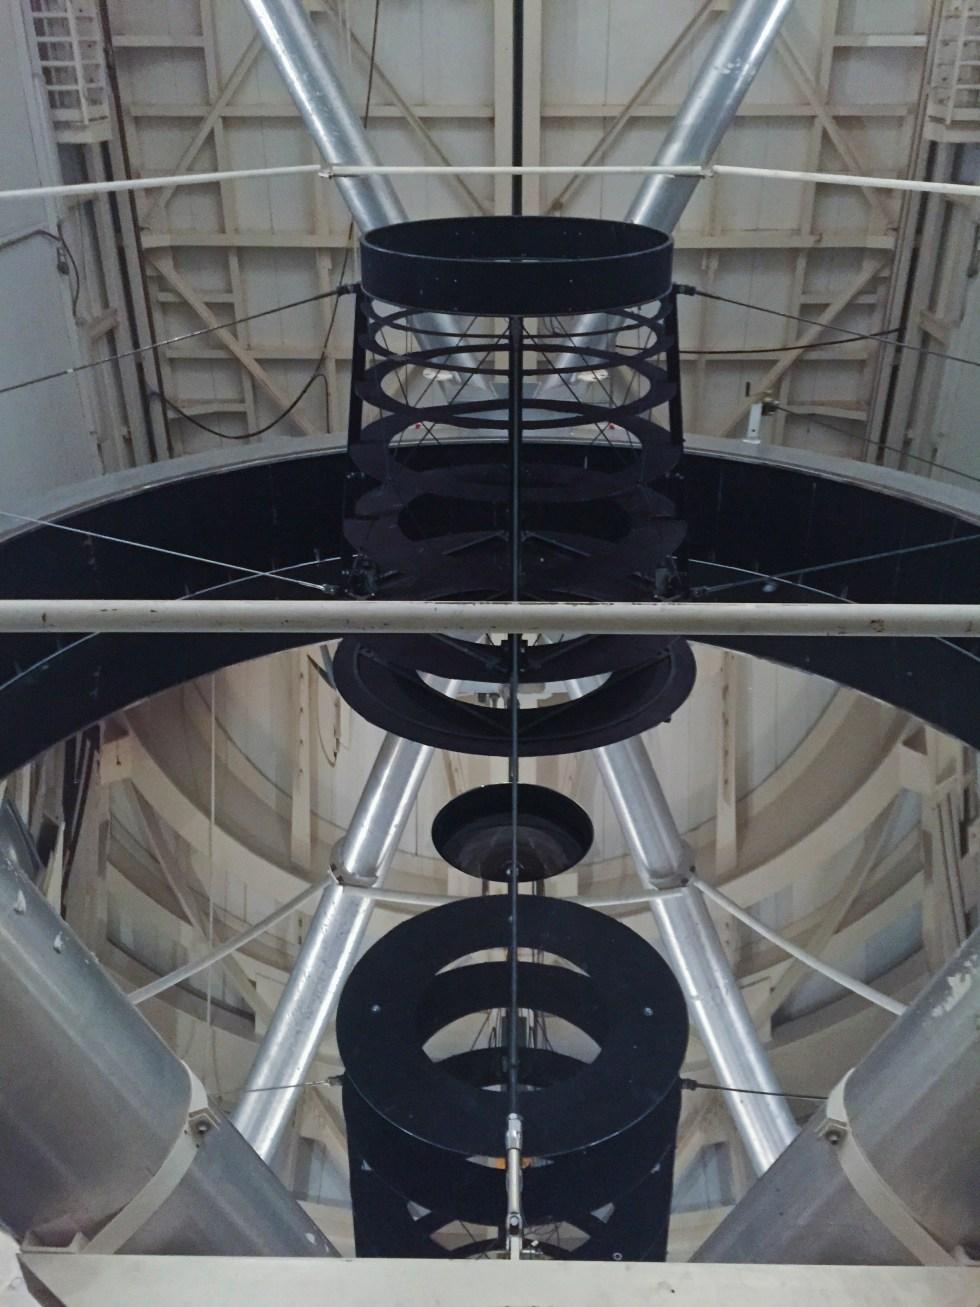 MMT telescope